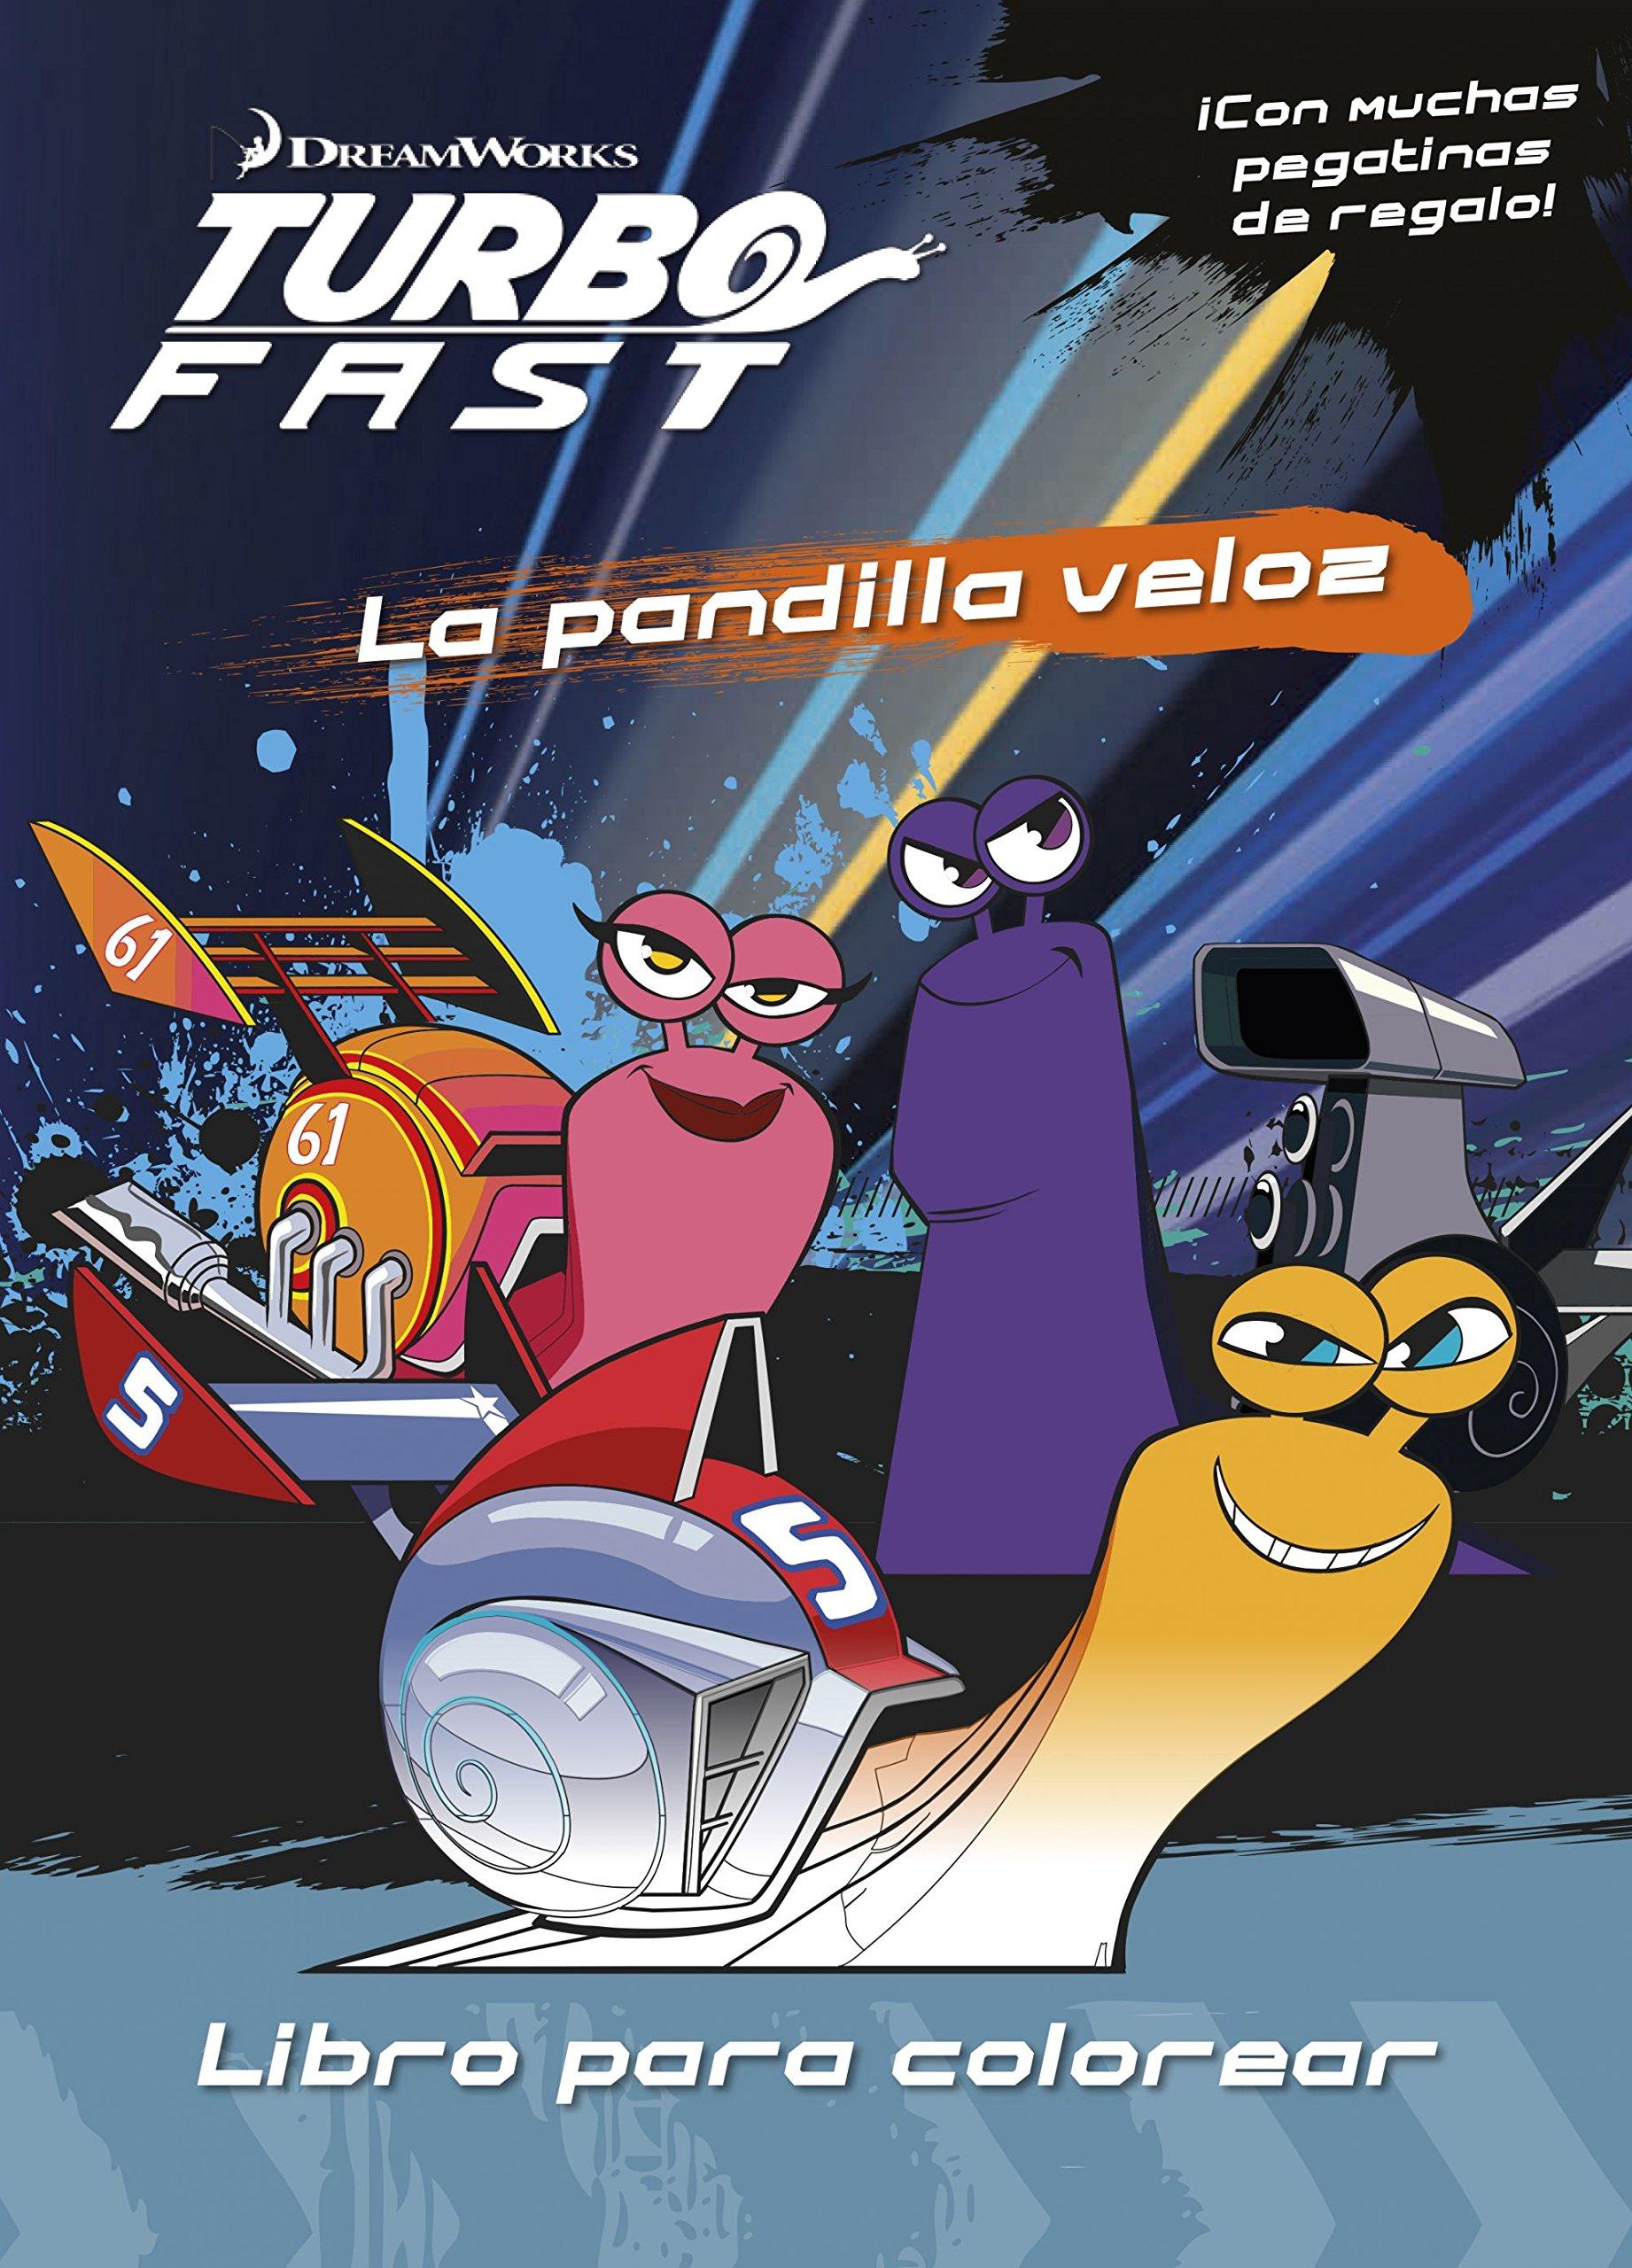 Turbo Fast. Libro para colorear: La pandilla veloz: Amazon.es: Dreamworks: Libros